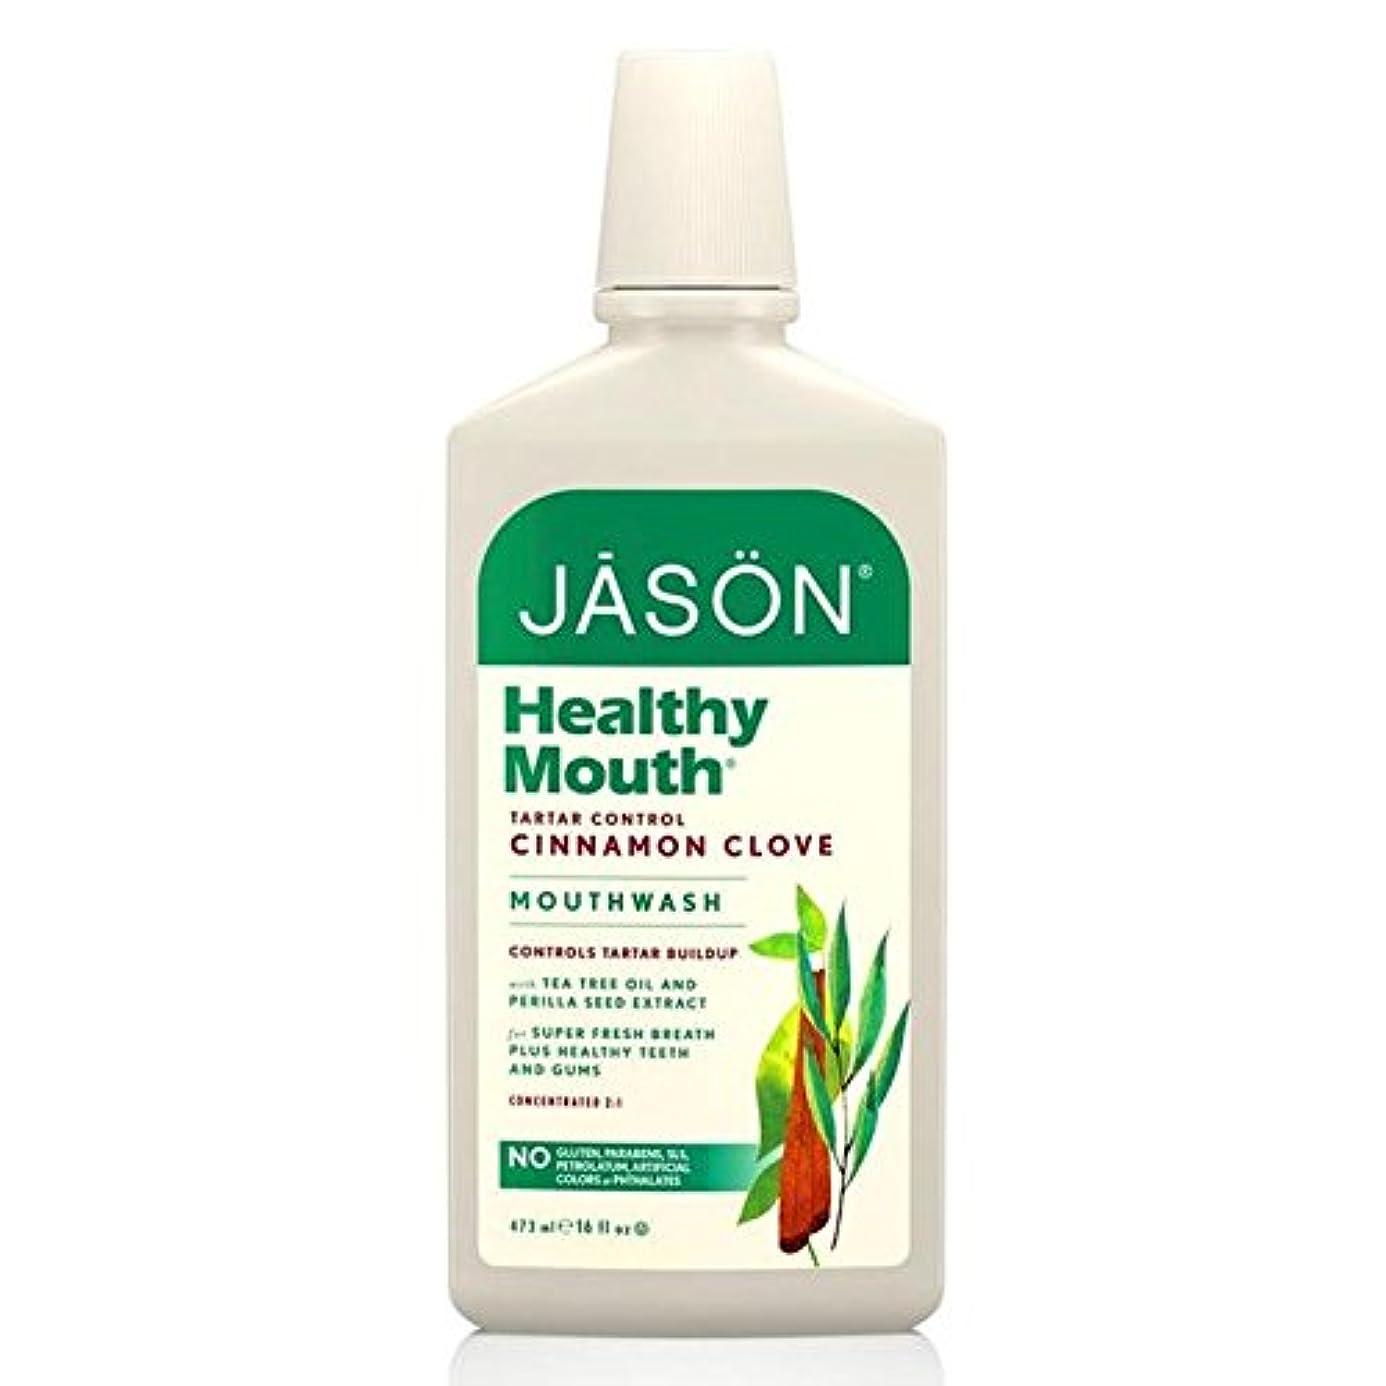 次パン屋弾丸Jason Healthy Mouthwash 480ml - ジェイソン?健康マウスウォッシュ480ミリリットル [並行輸入品]